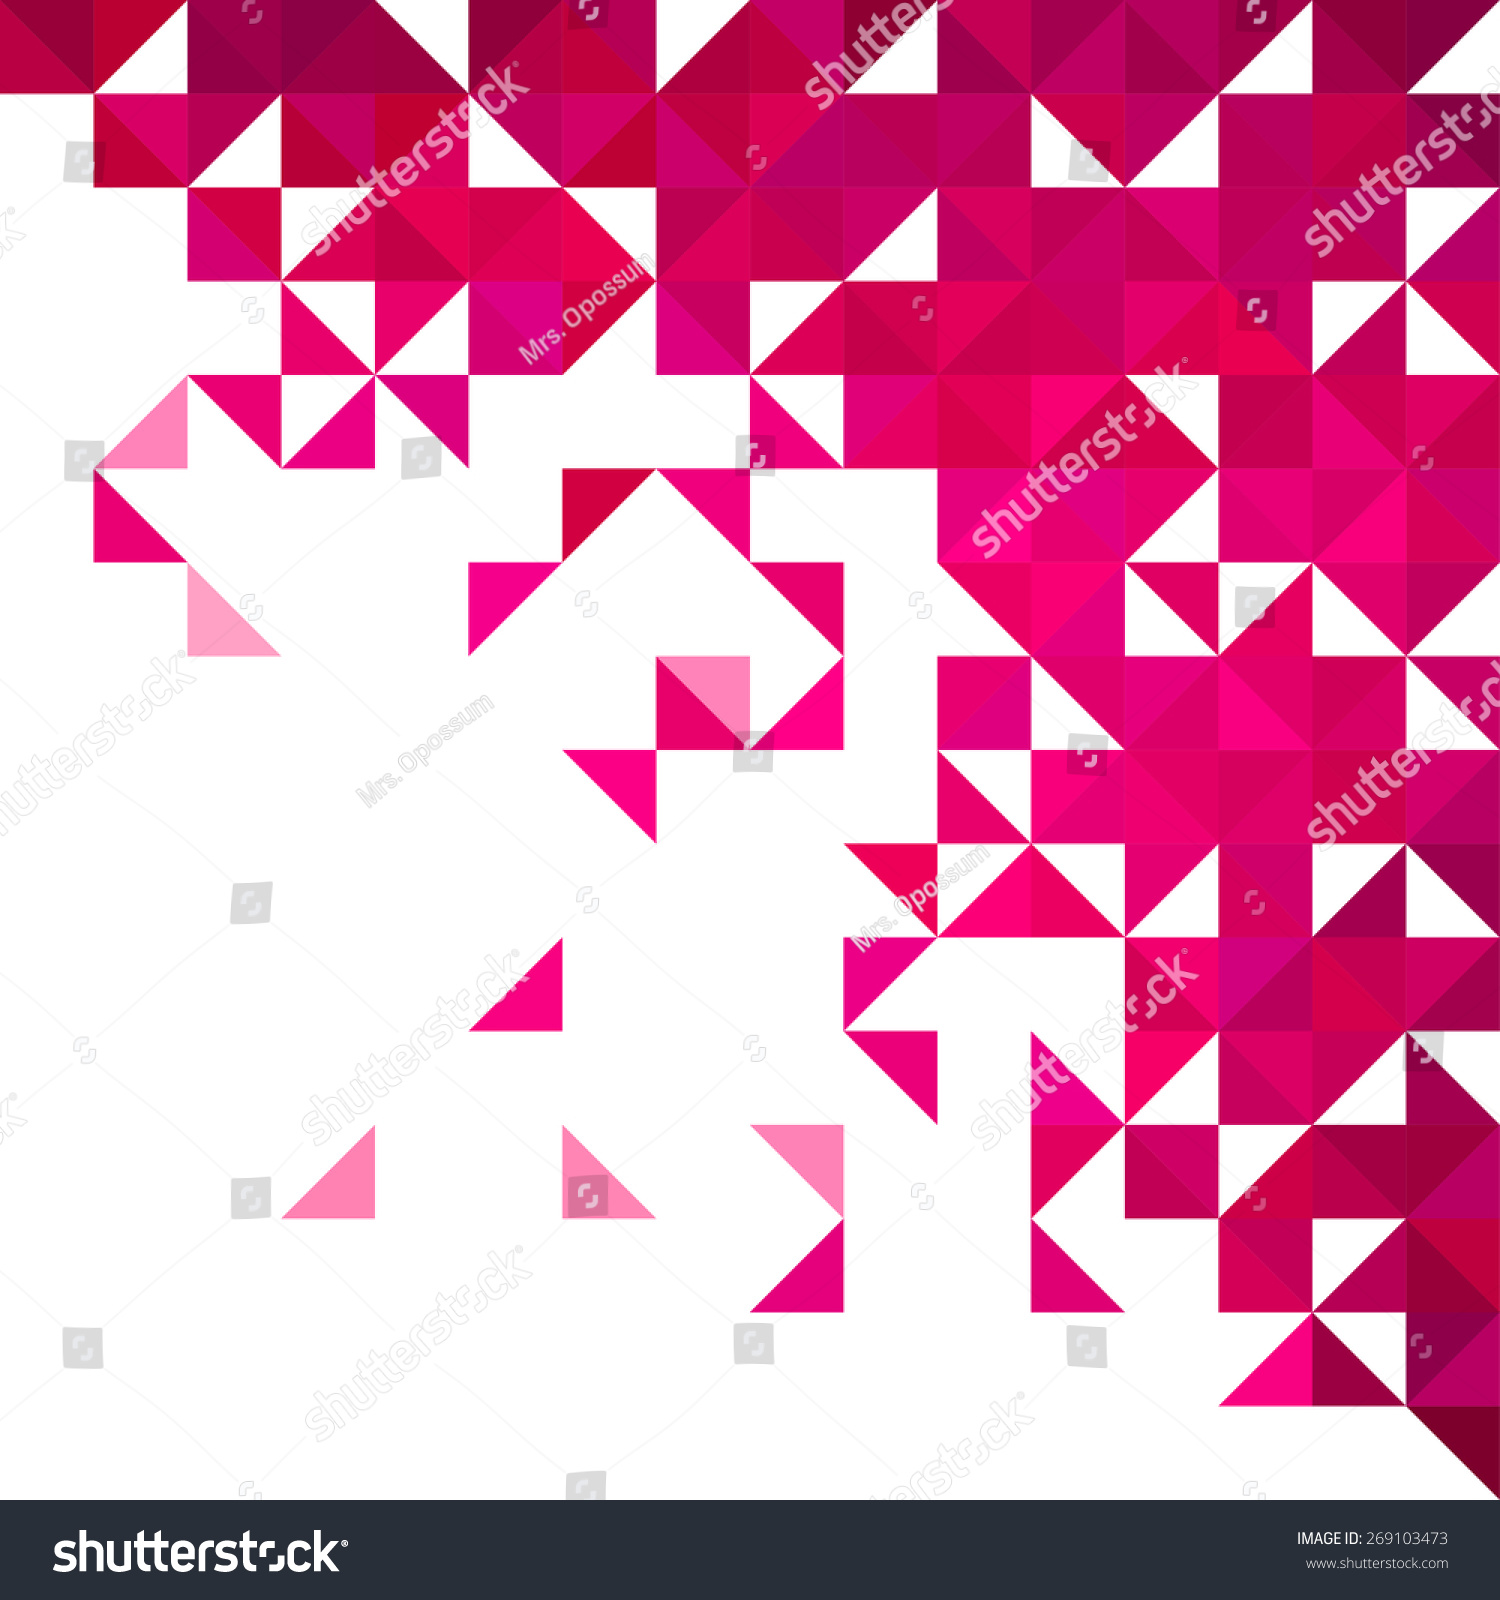 ppt背景花纹三角形图片素材